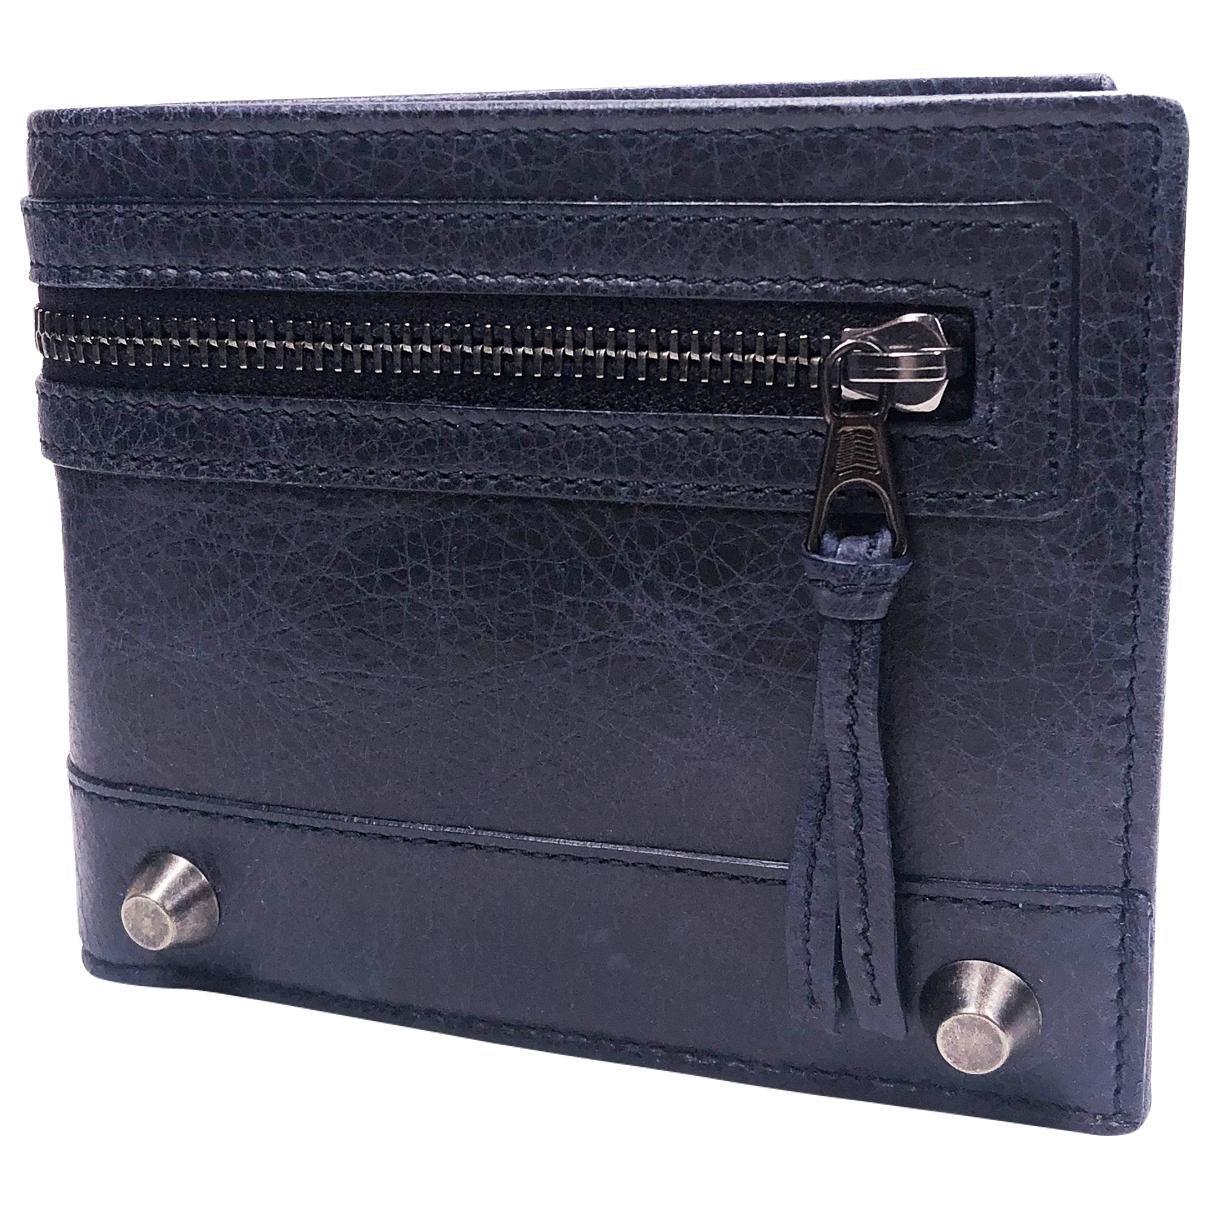 Balenciaga \N Blue Leather wallet for Women \N